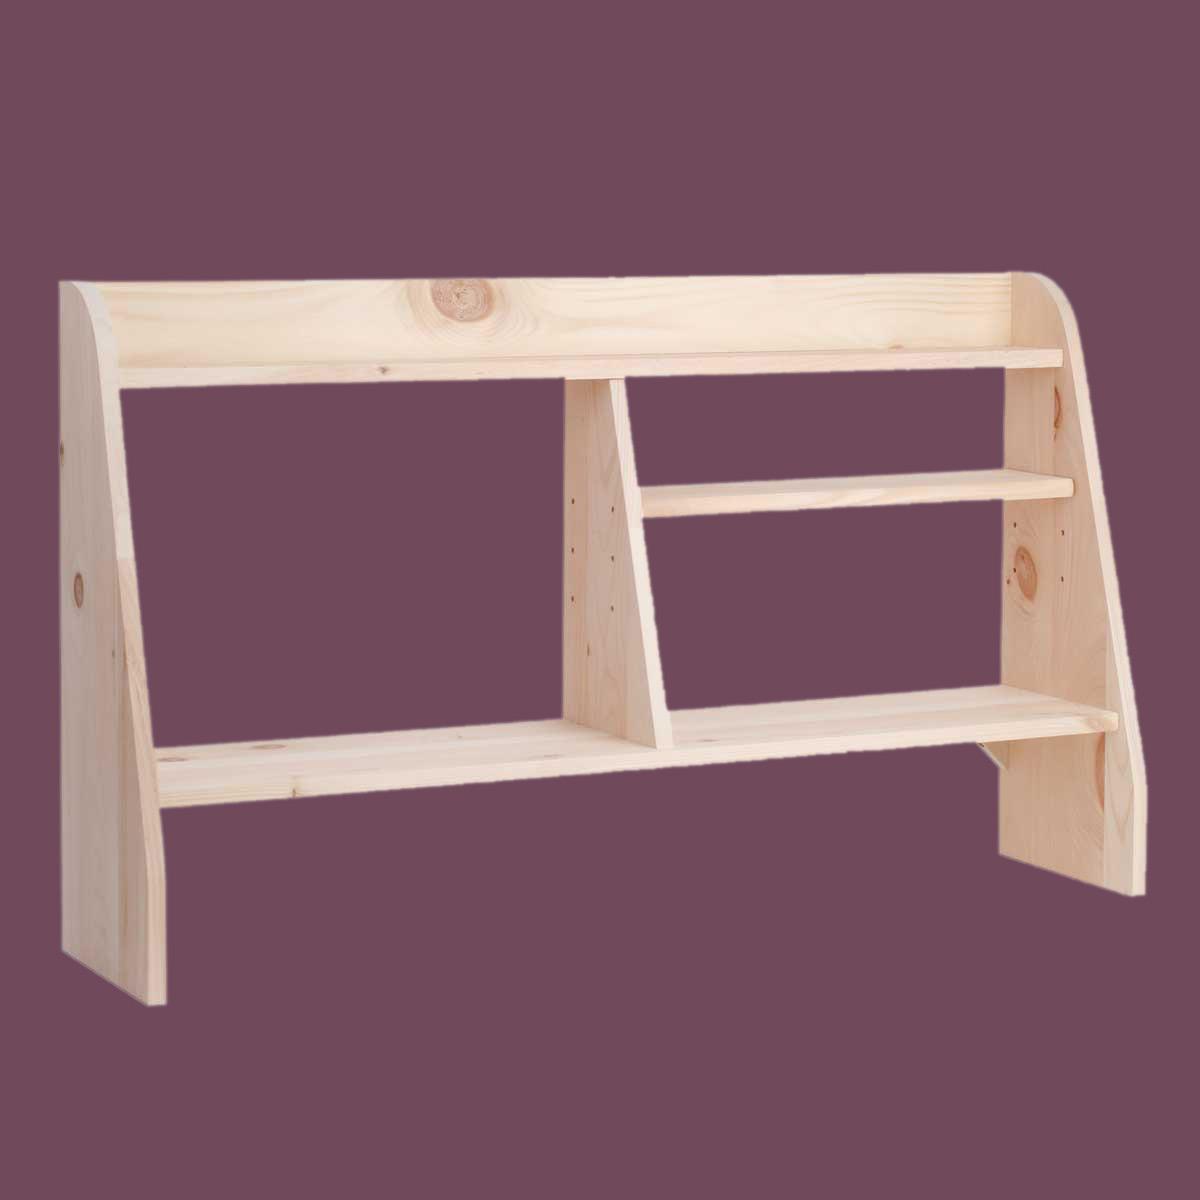 Natural Unfinished Pine: Computer Shelves Unfinished Pine Shelf